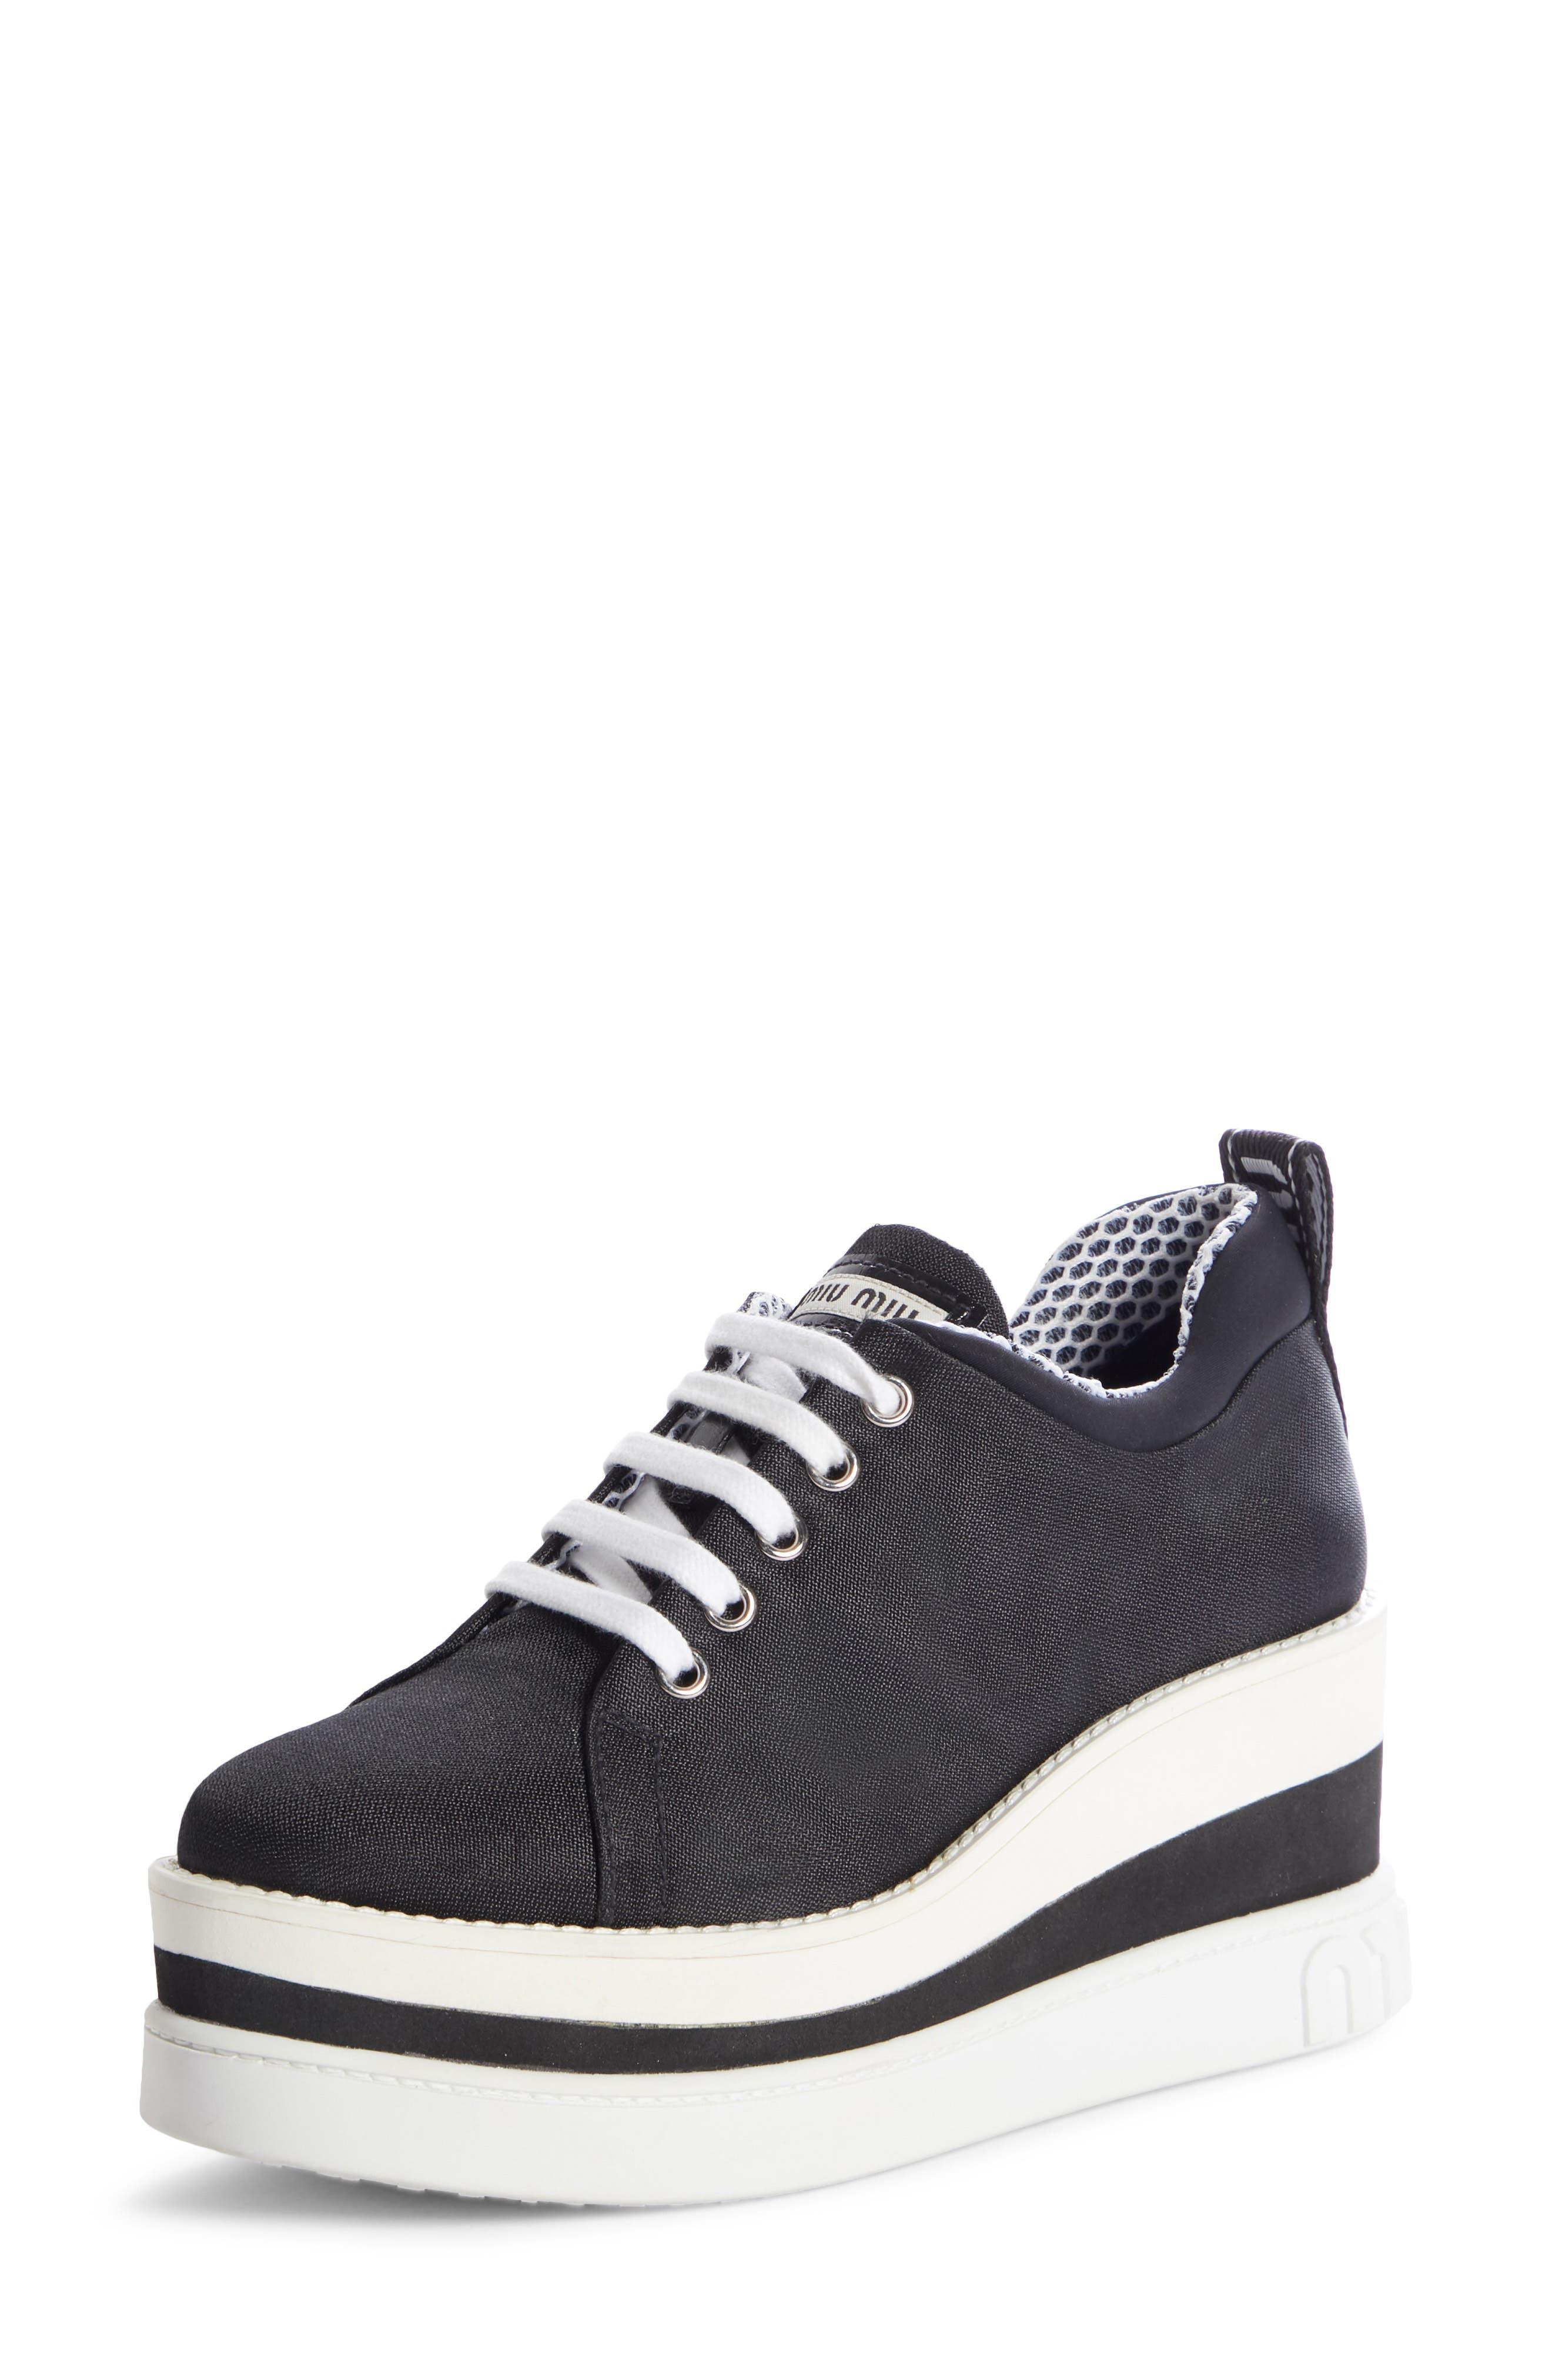 For For Miu Shoes Nordstrom Miu Women Shoes FwvBP7qB